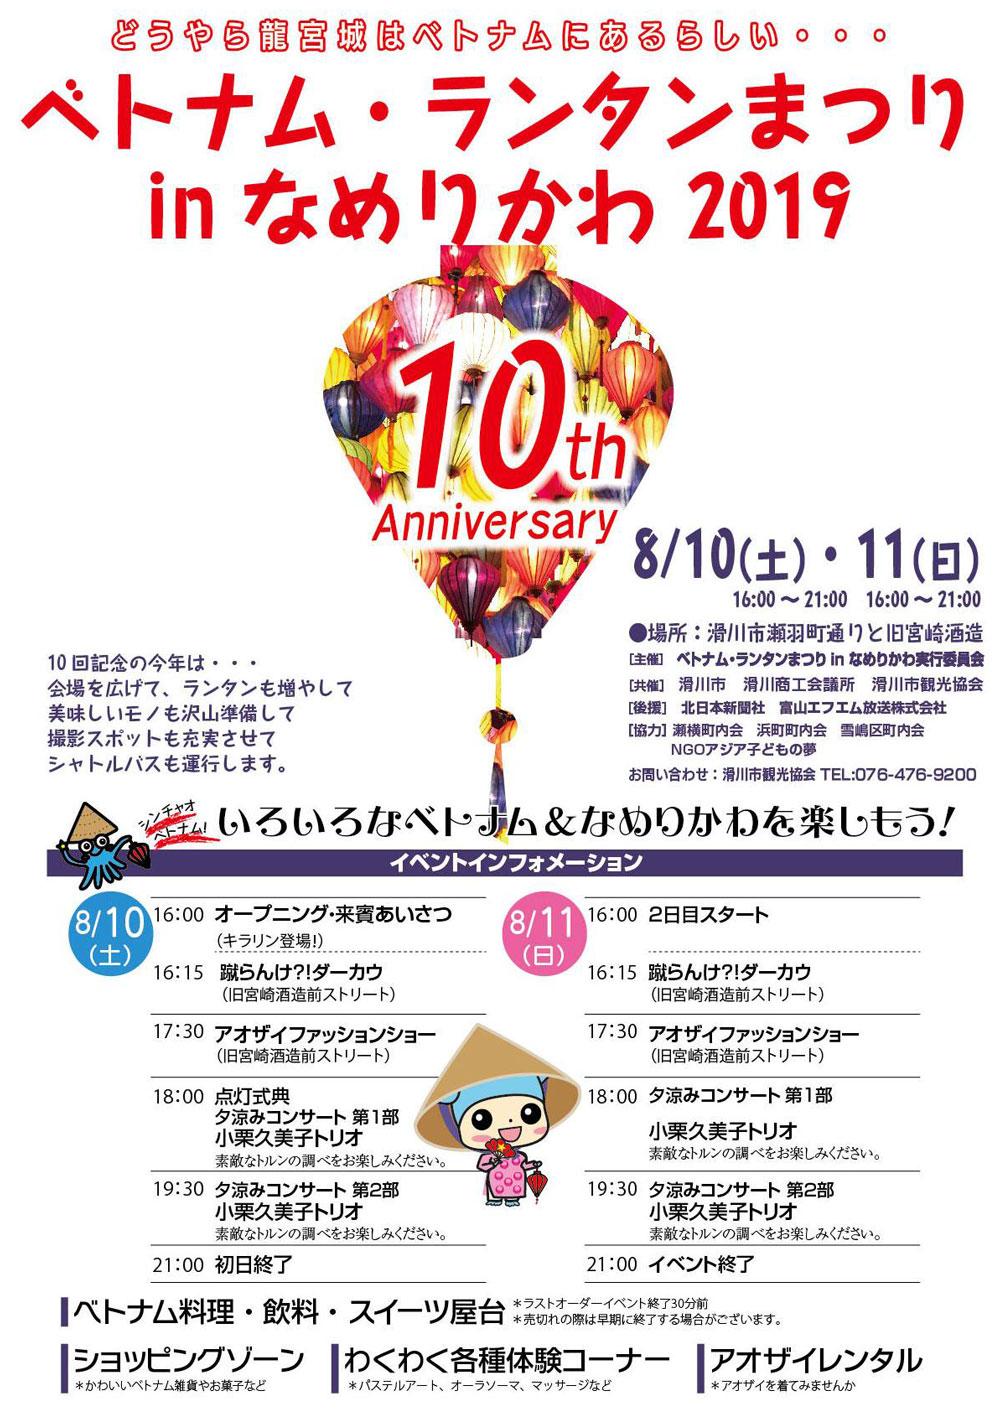 【滑川ベトナムランタン祭り2019】アオザイやダーカウコンサート☆日程と駐車場!